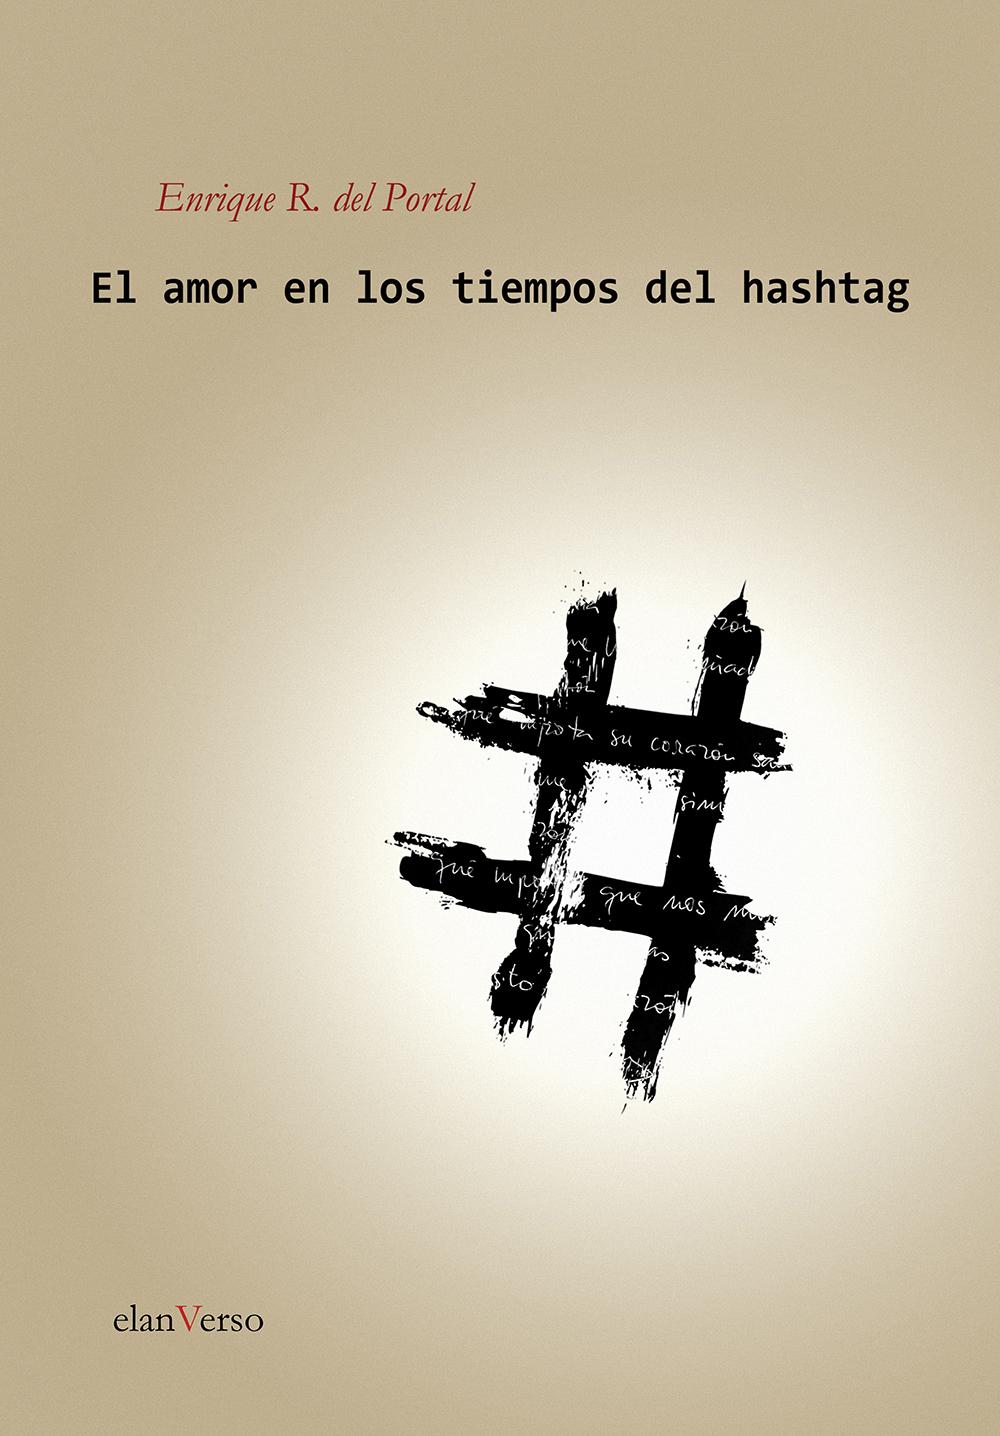 El amor en los tiempos del hashtag